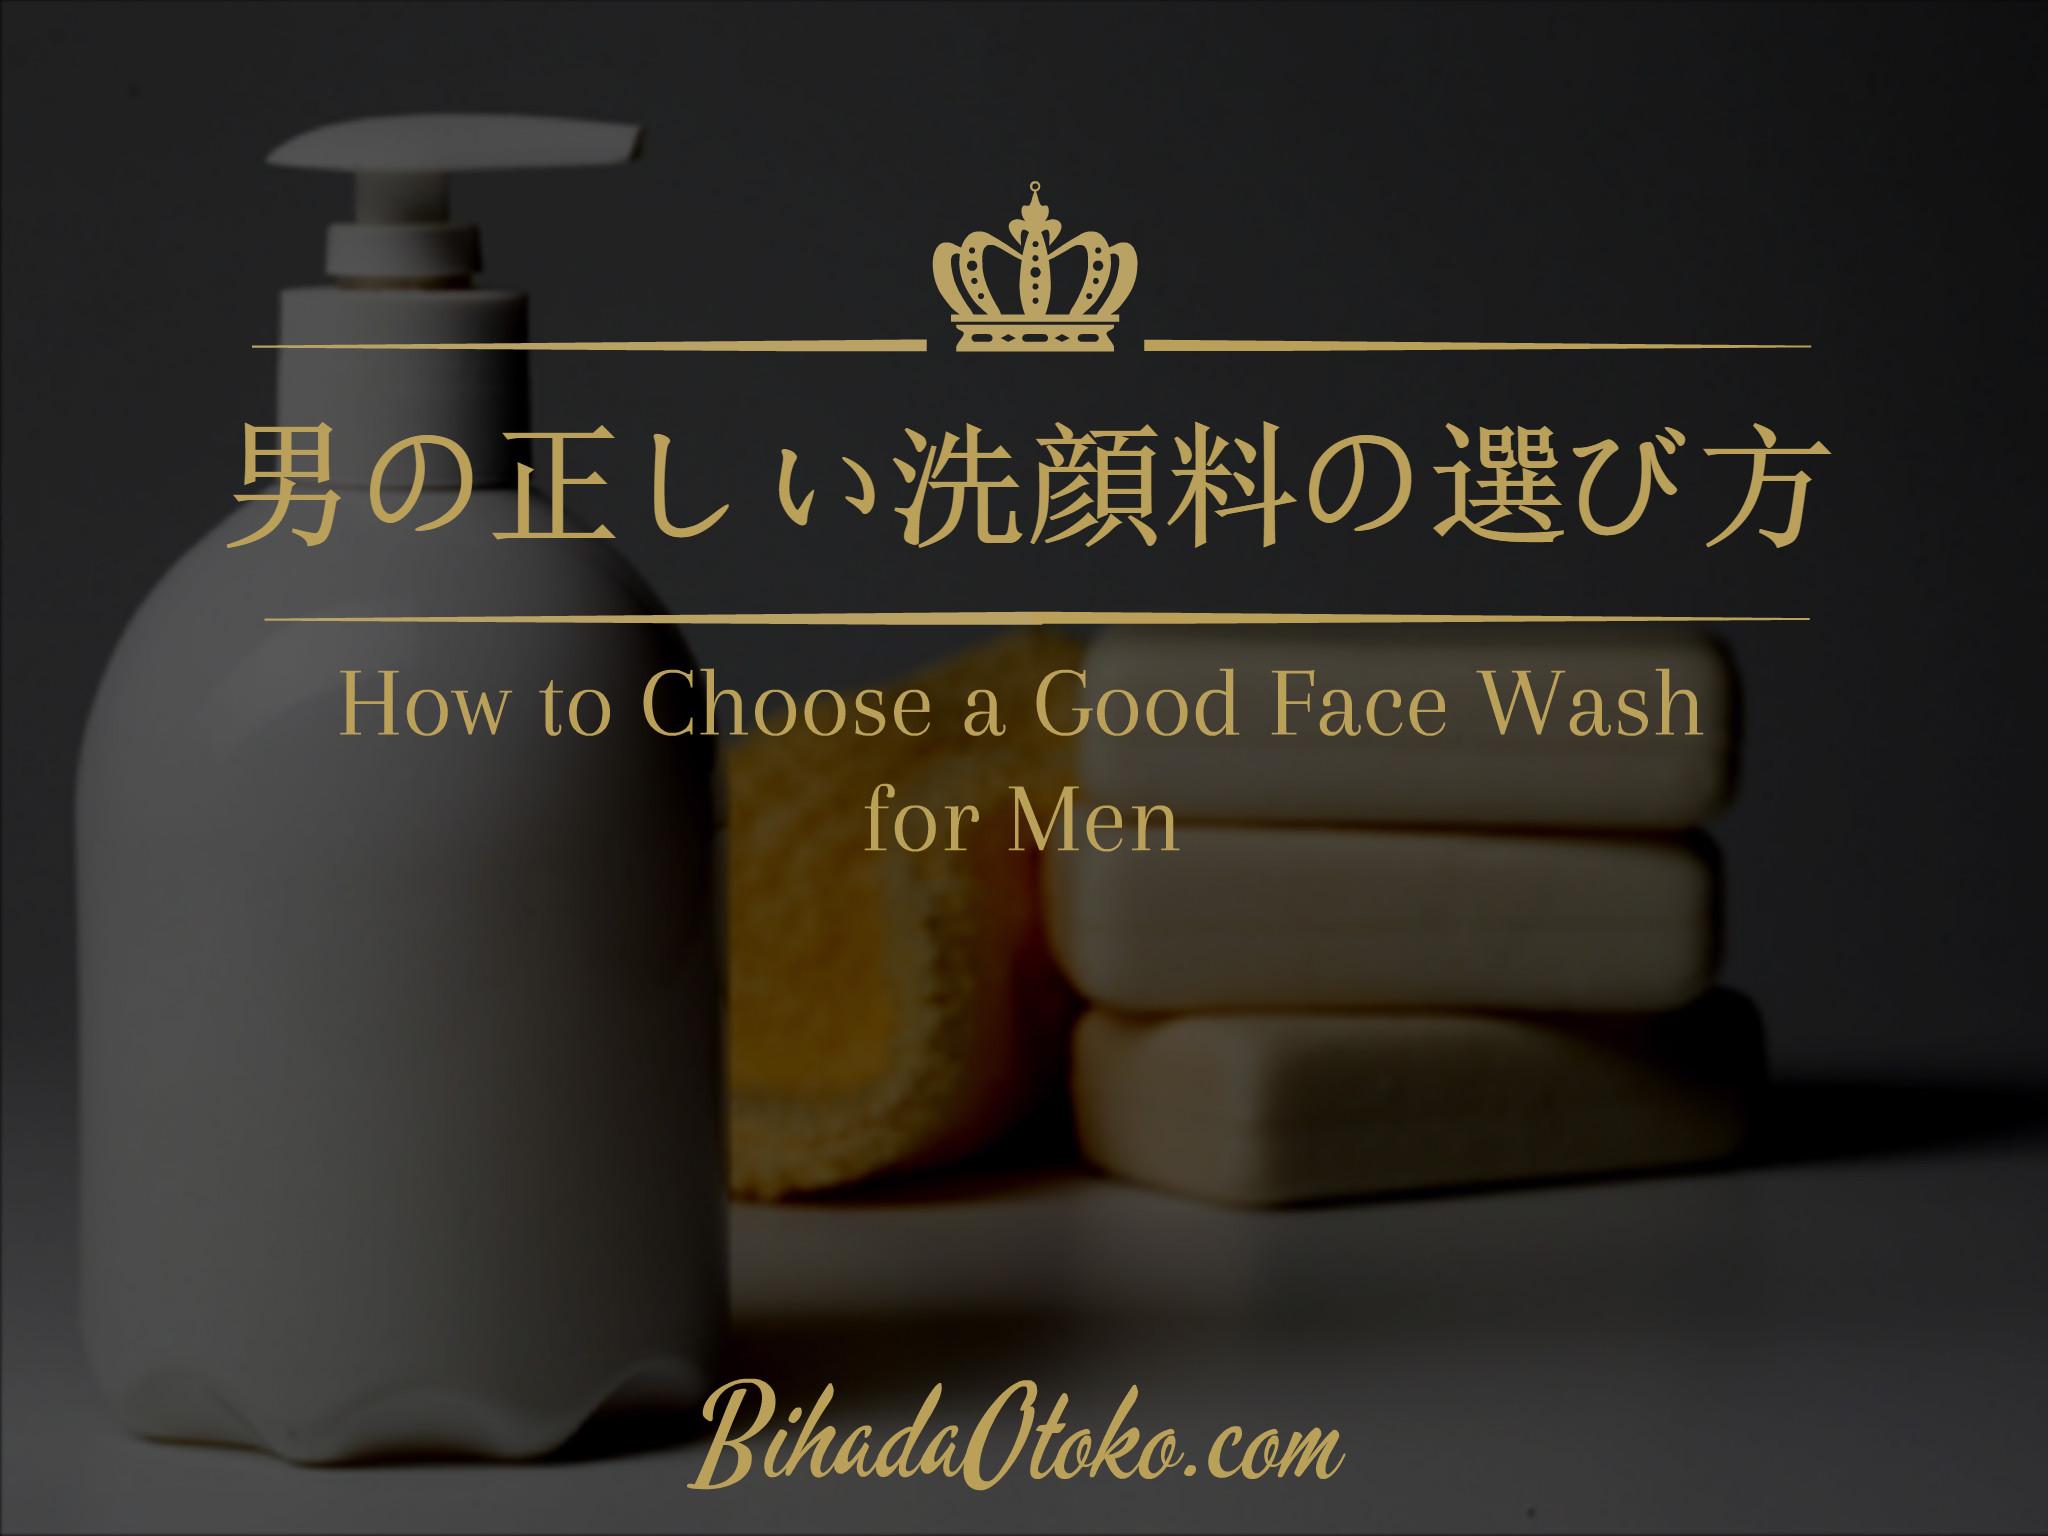 男の洗顔料の選び方!ランキングやおすすめで選ばず成分で選べ!